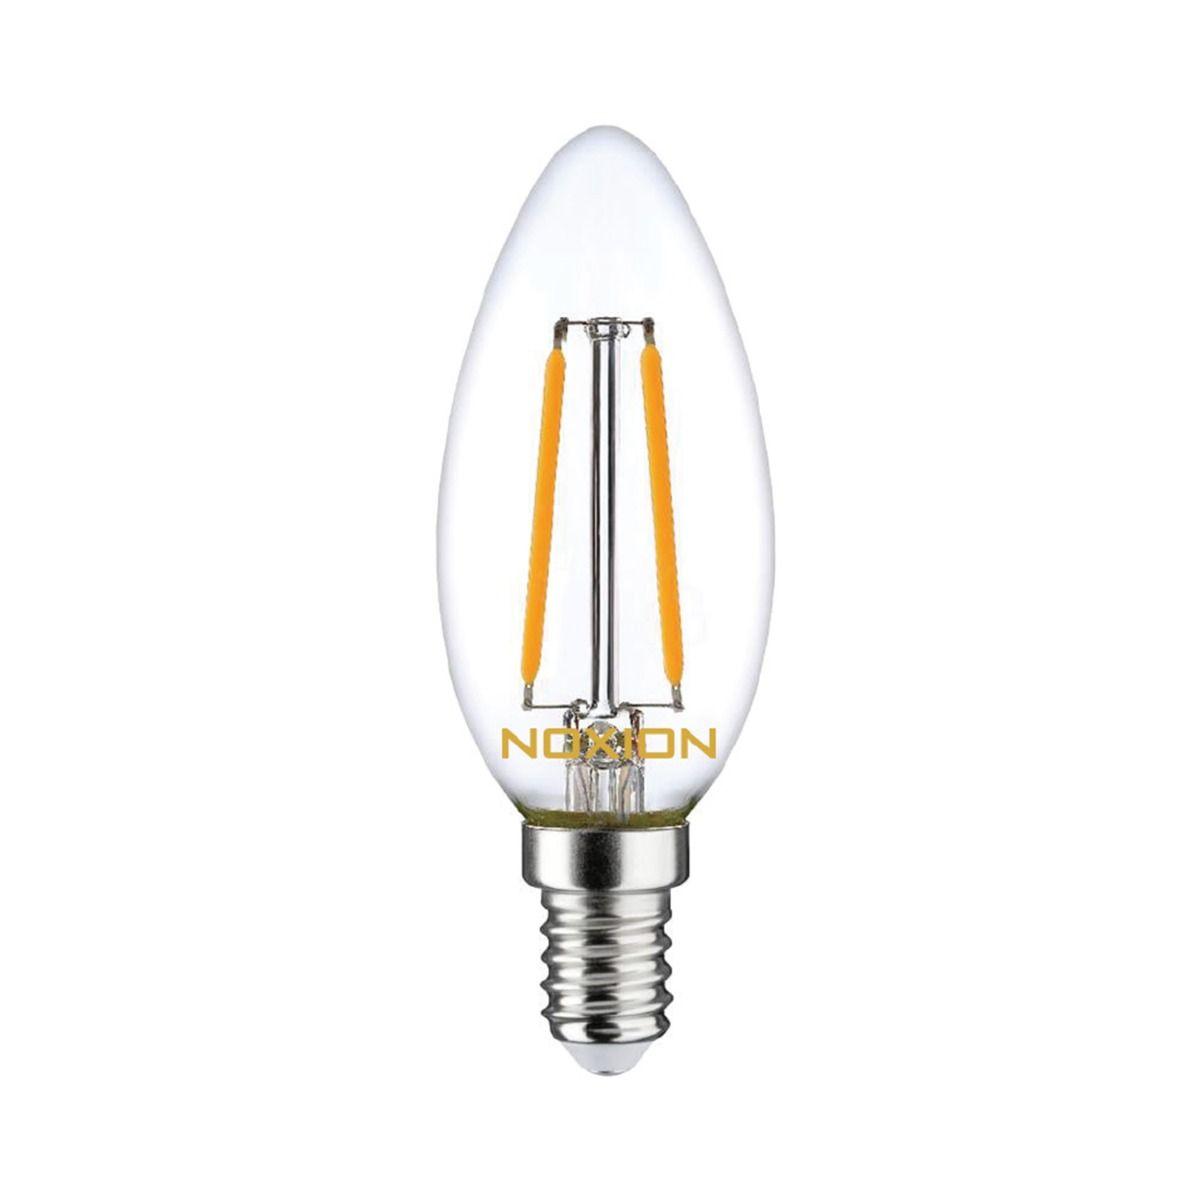 Noxion Lucent Fadenlampe LED Kerze B35 E14 2.5W 250lm 827 | Dimmbar - Ersatz für 25W